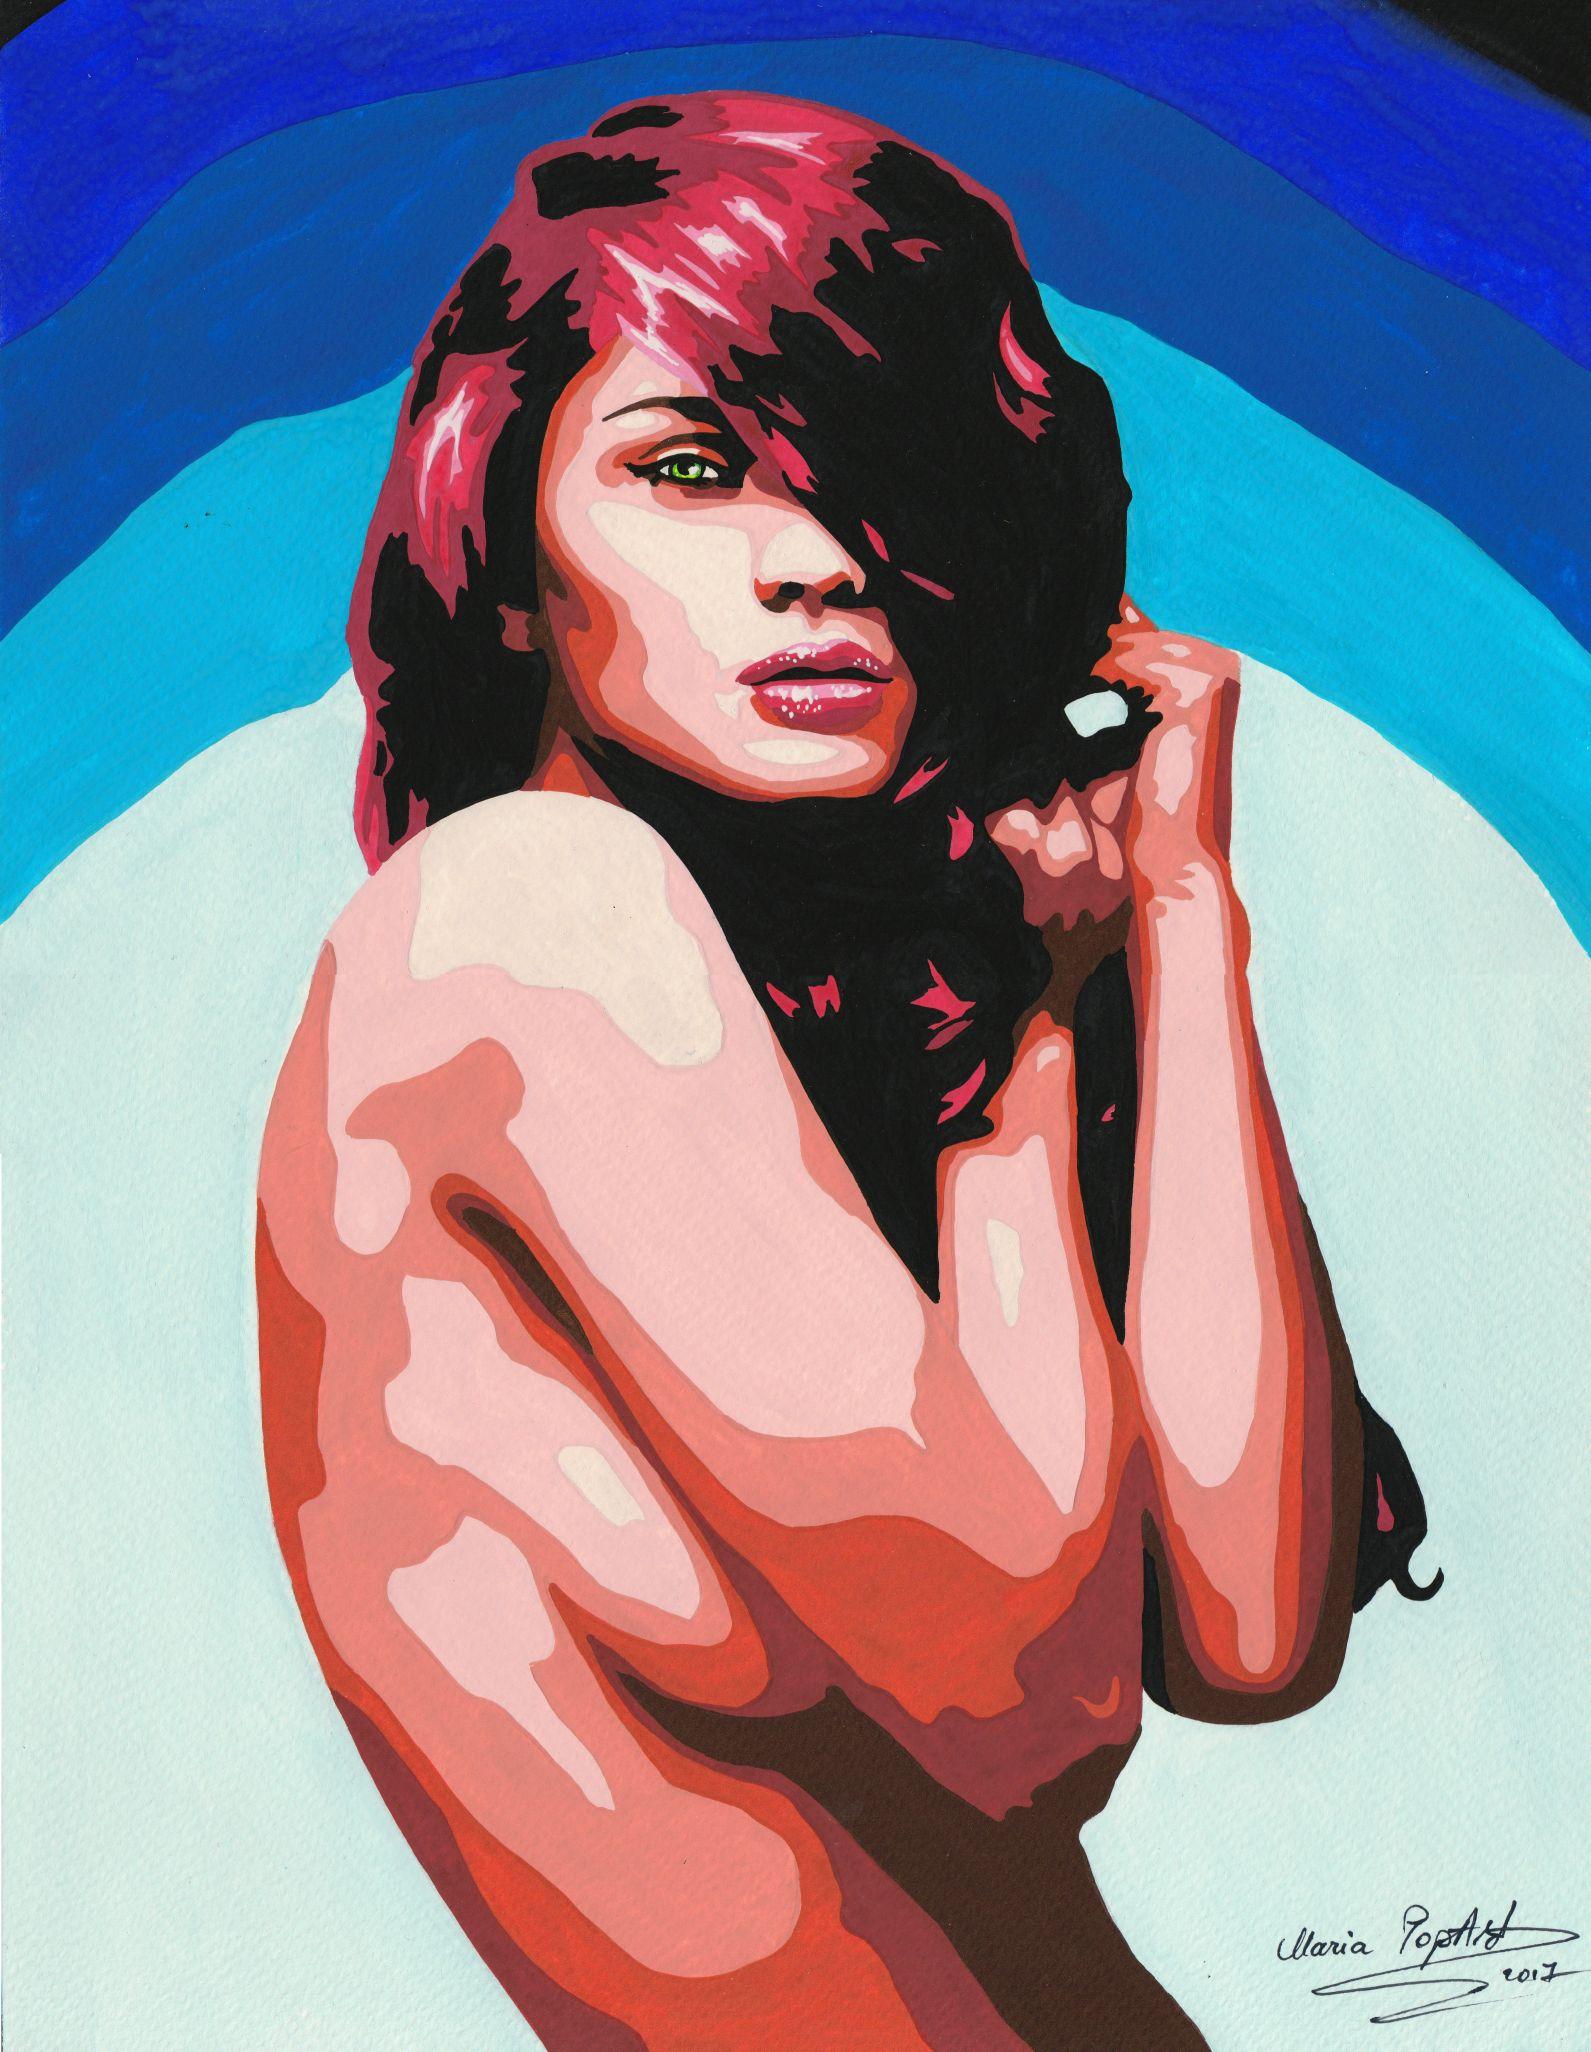 code-0058-ultramarine-watercolor-by-maria-marcu-popart-27-x-35-cm